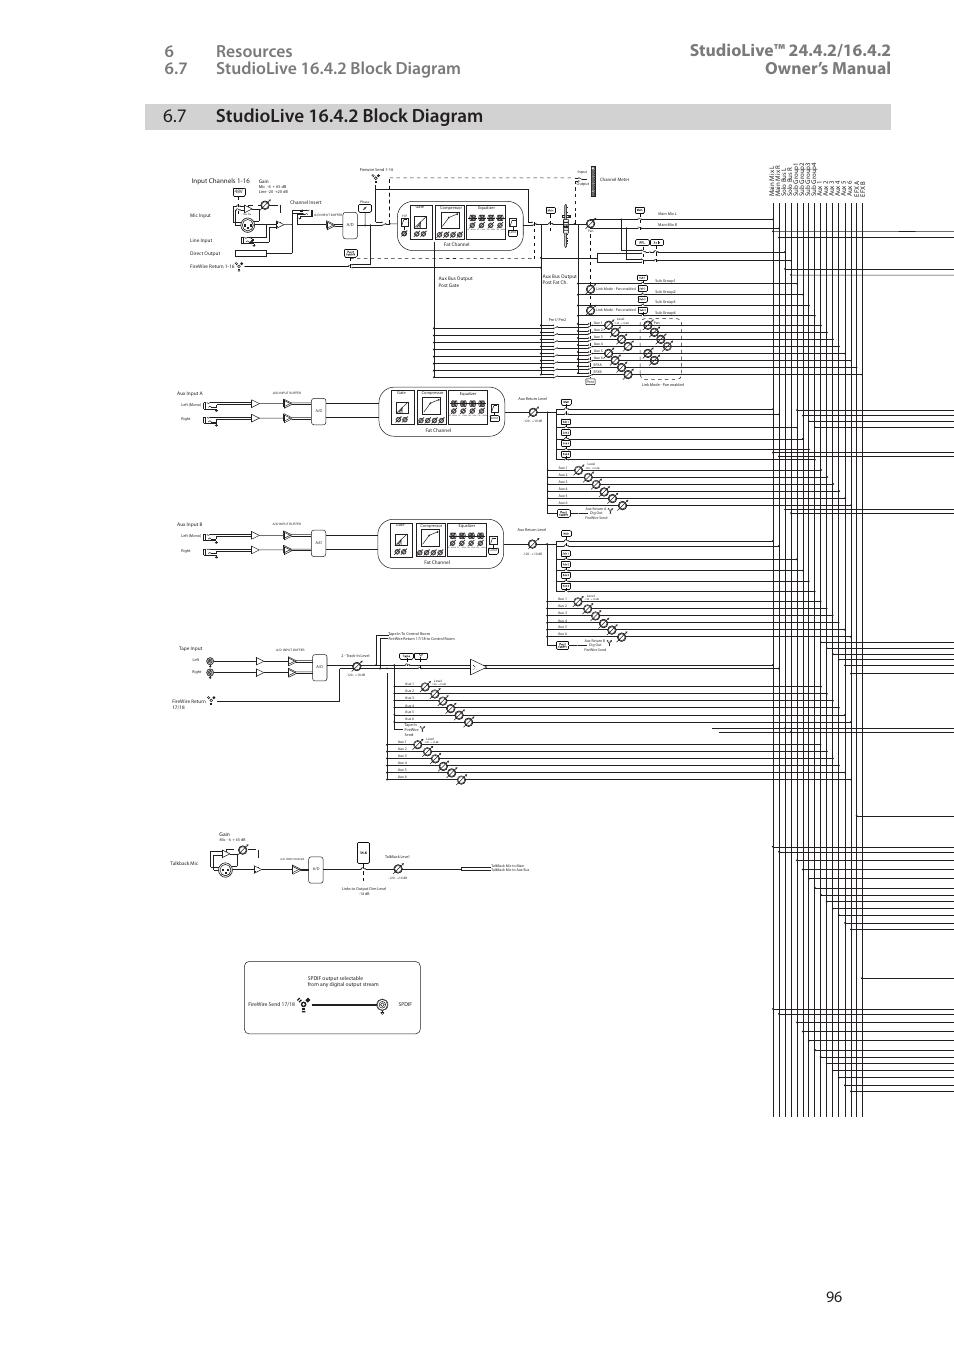 7 Studiolive 1642 Block Diagram Year 2